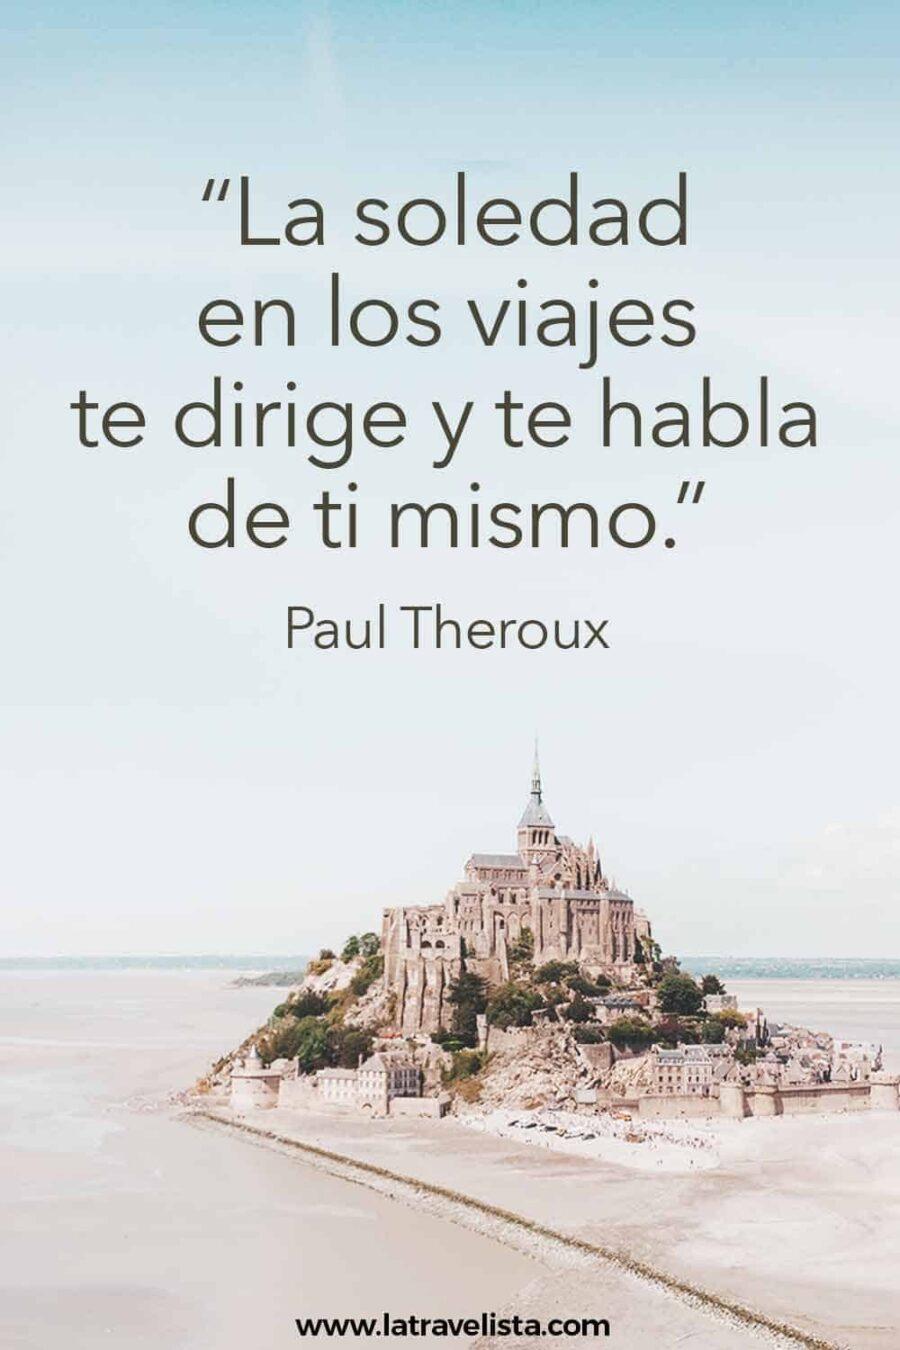 Cita célebre de Paul Theroux